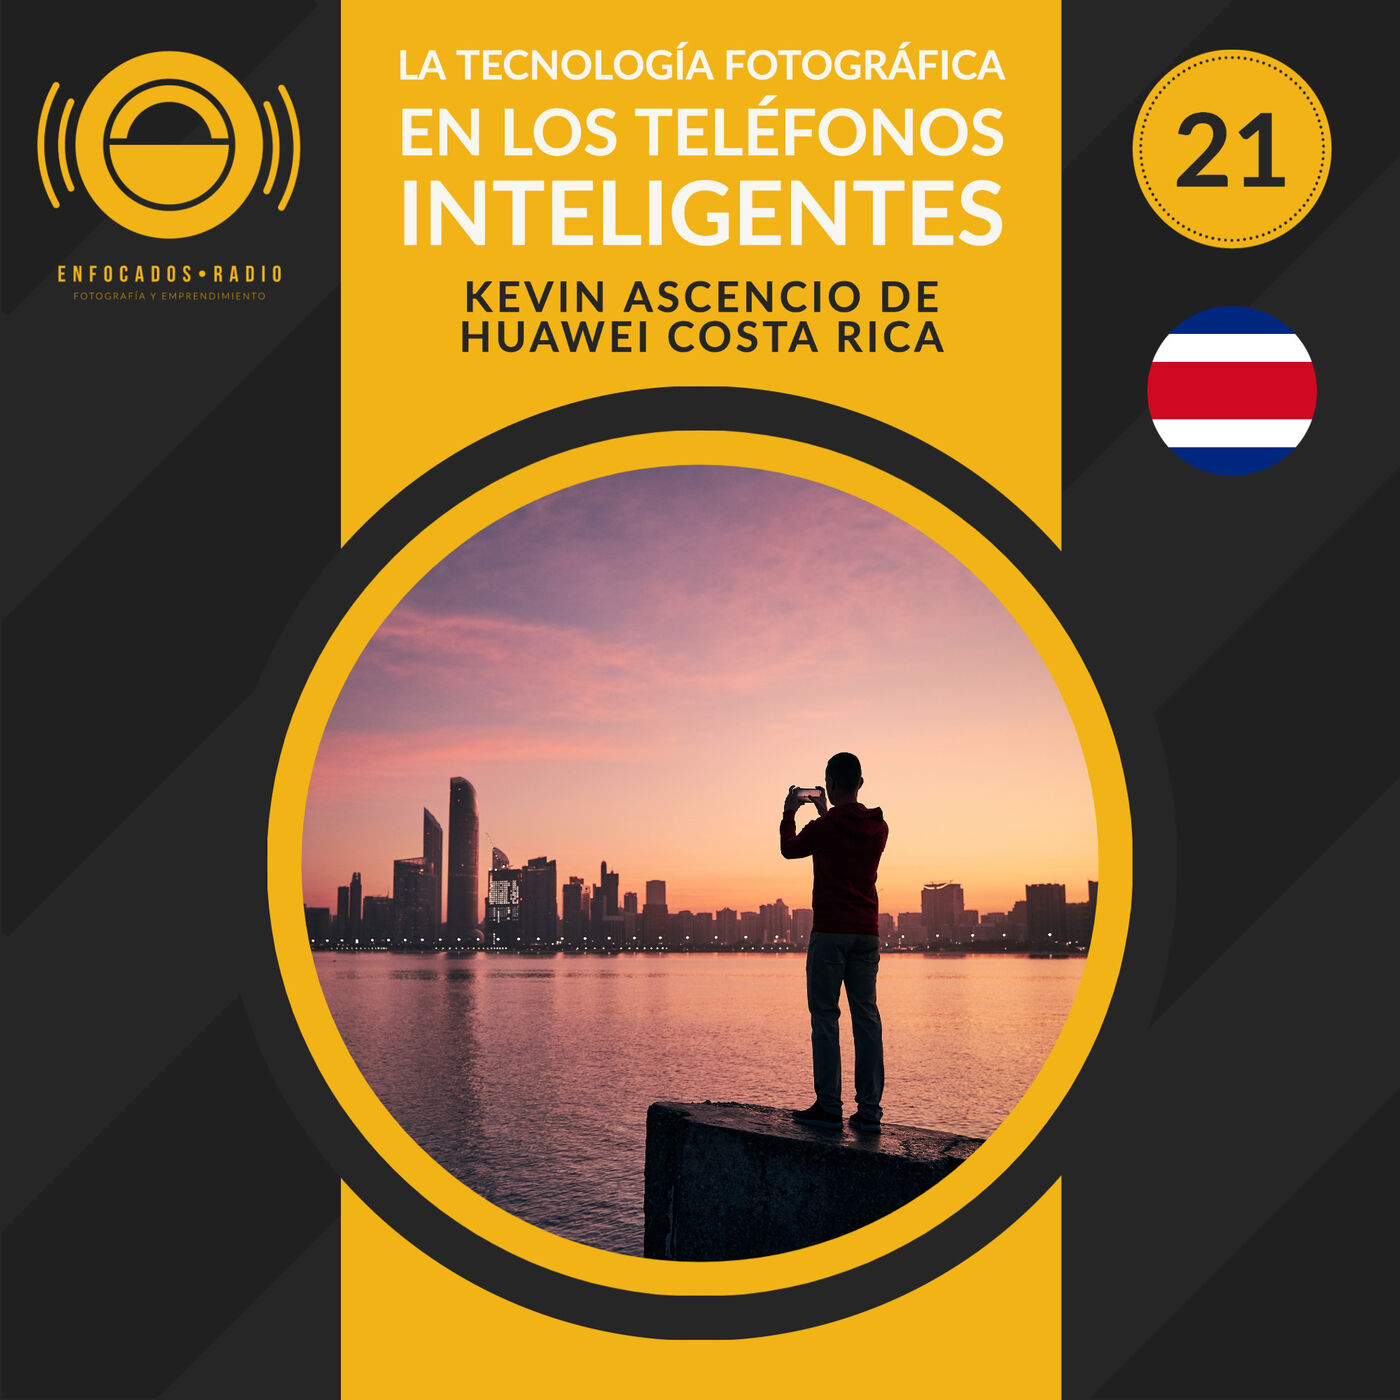 EP021: La tecnología fotográfica en los teléfonos inteligentes